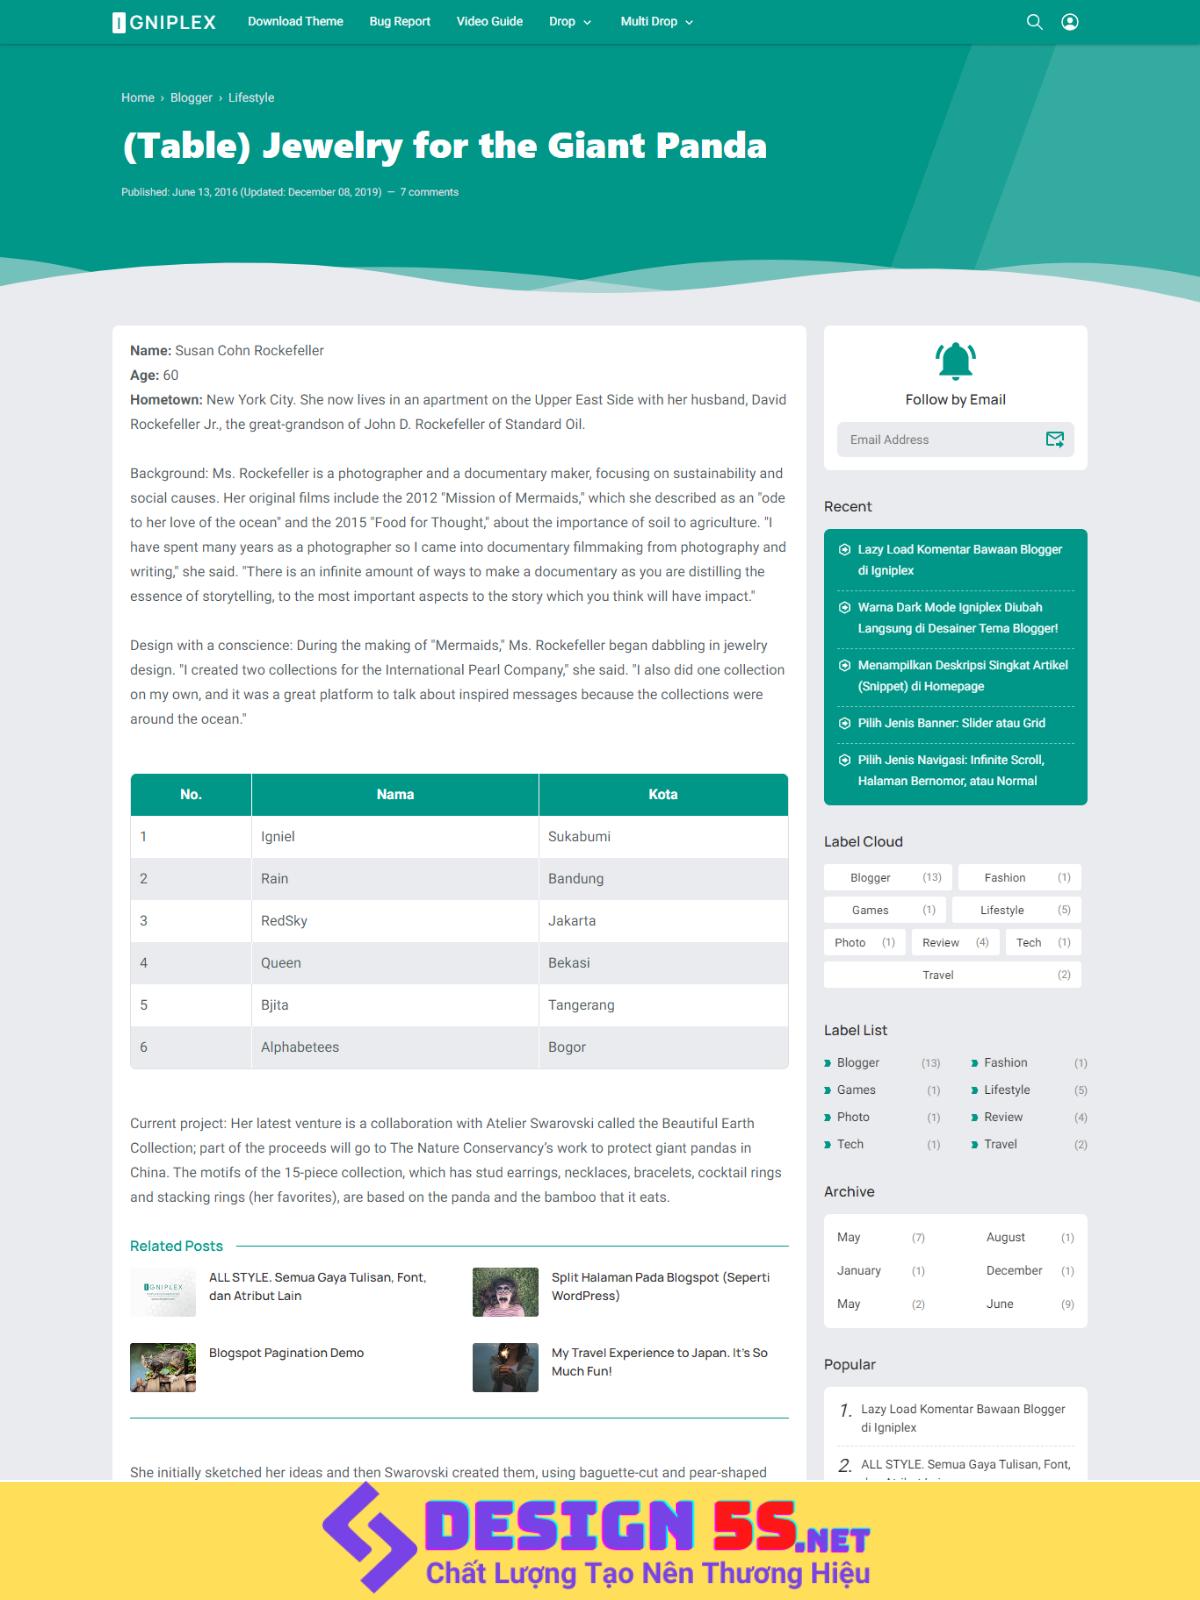 Igniplex Template Blogspot Chuẩn SEO, Tải Nhanh Miễn Phí - Ảnh 2